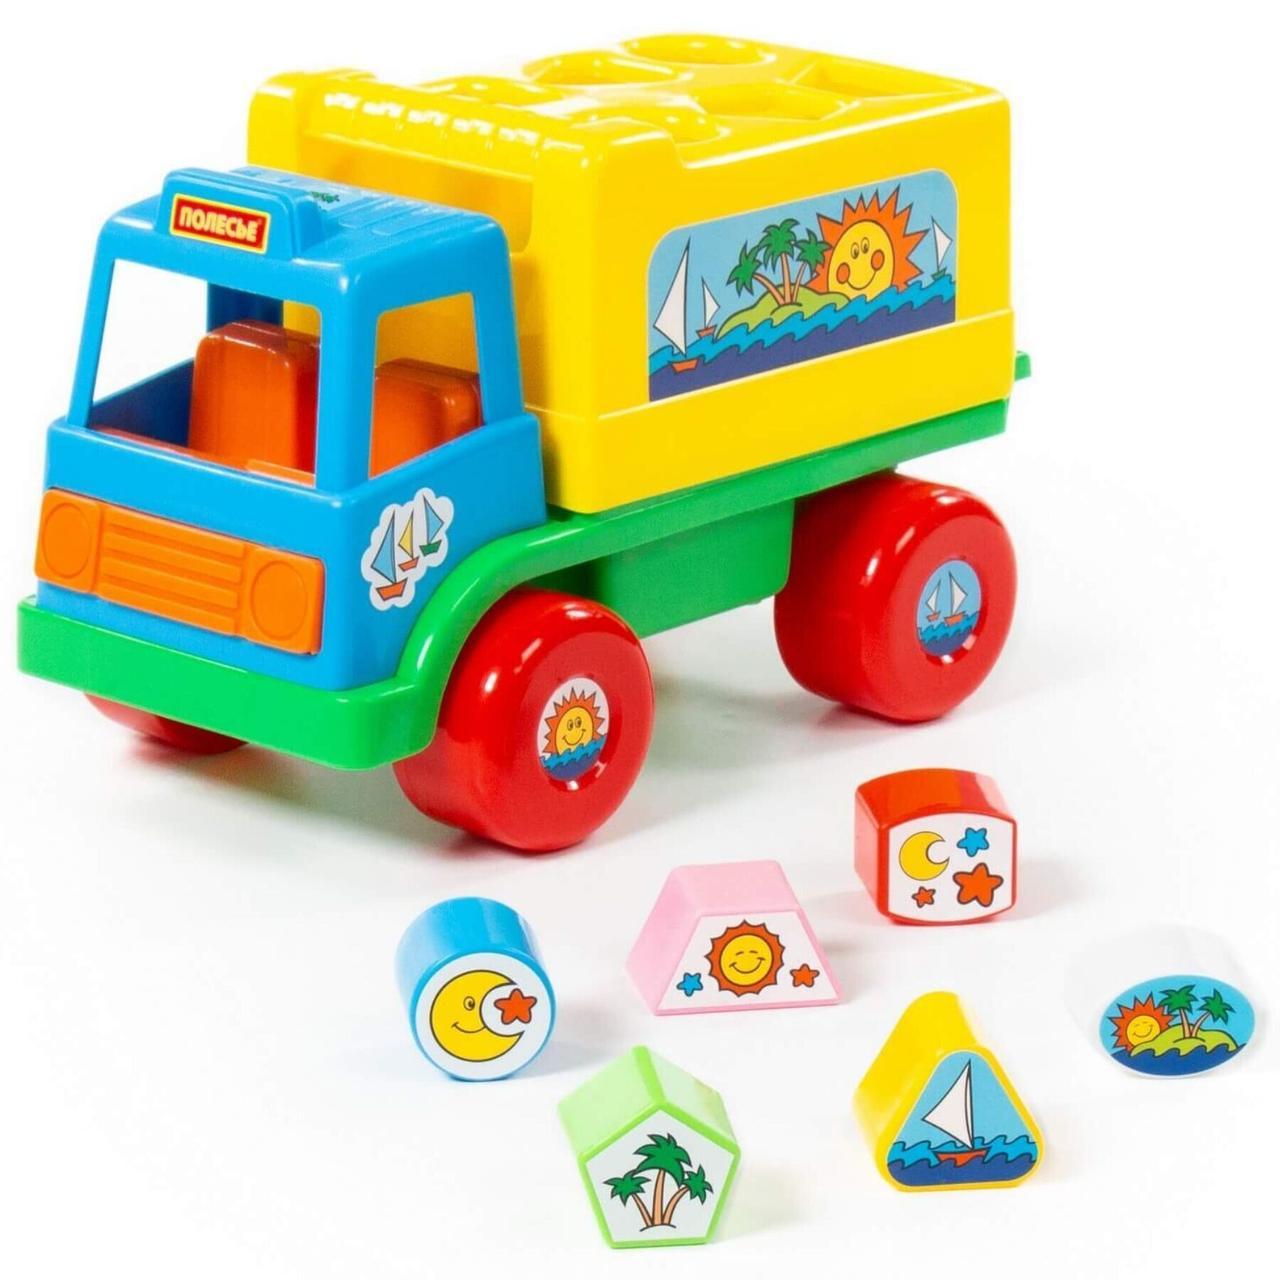 """Развивающая игрушка грузовик Polesie """"забава"""" сине-желтый (6370-1)"""